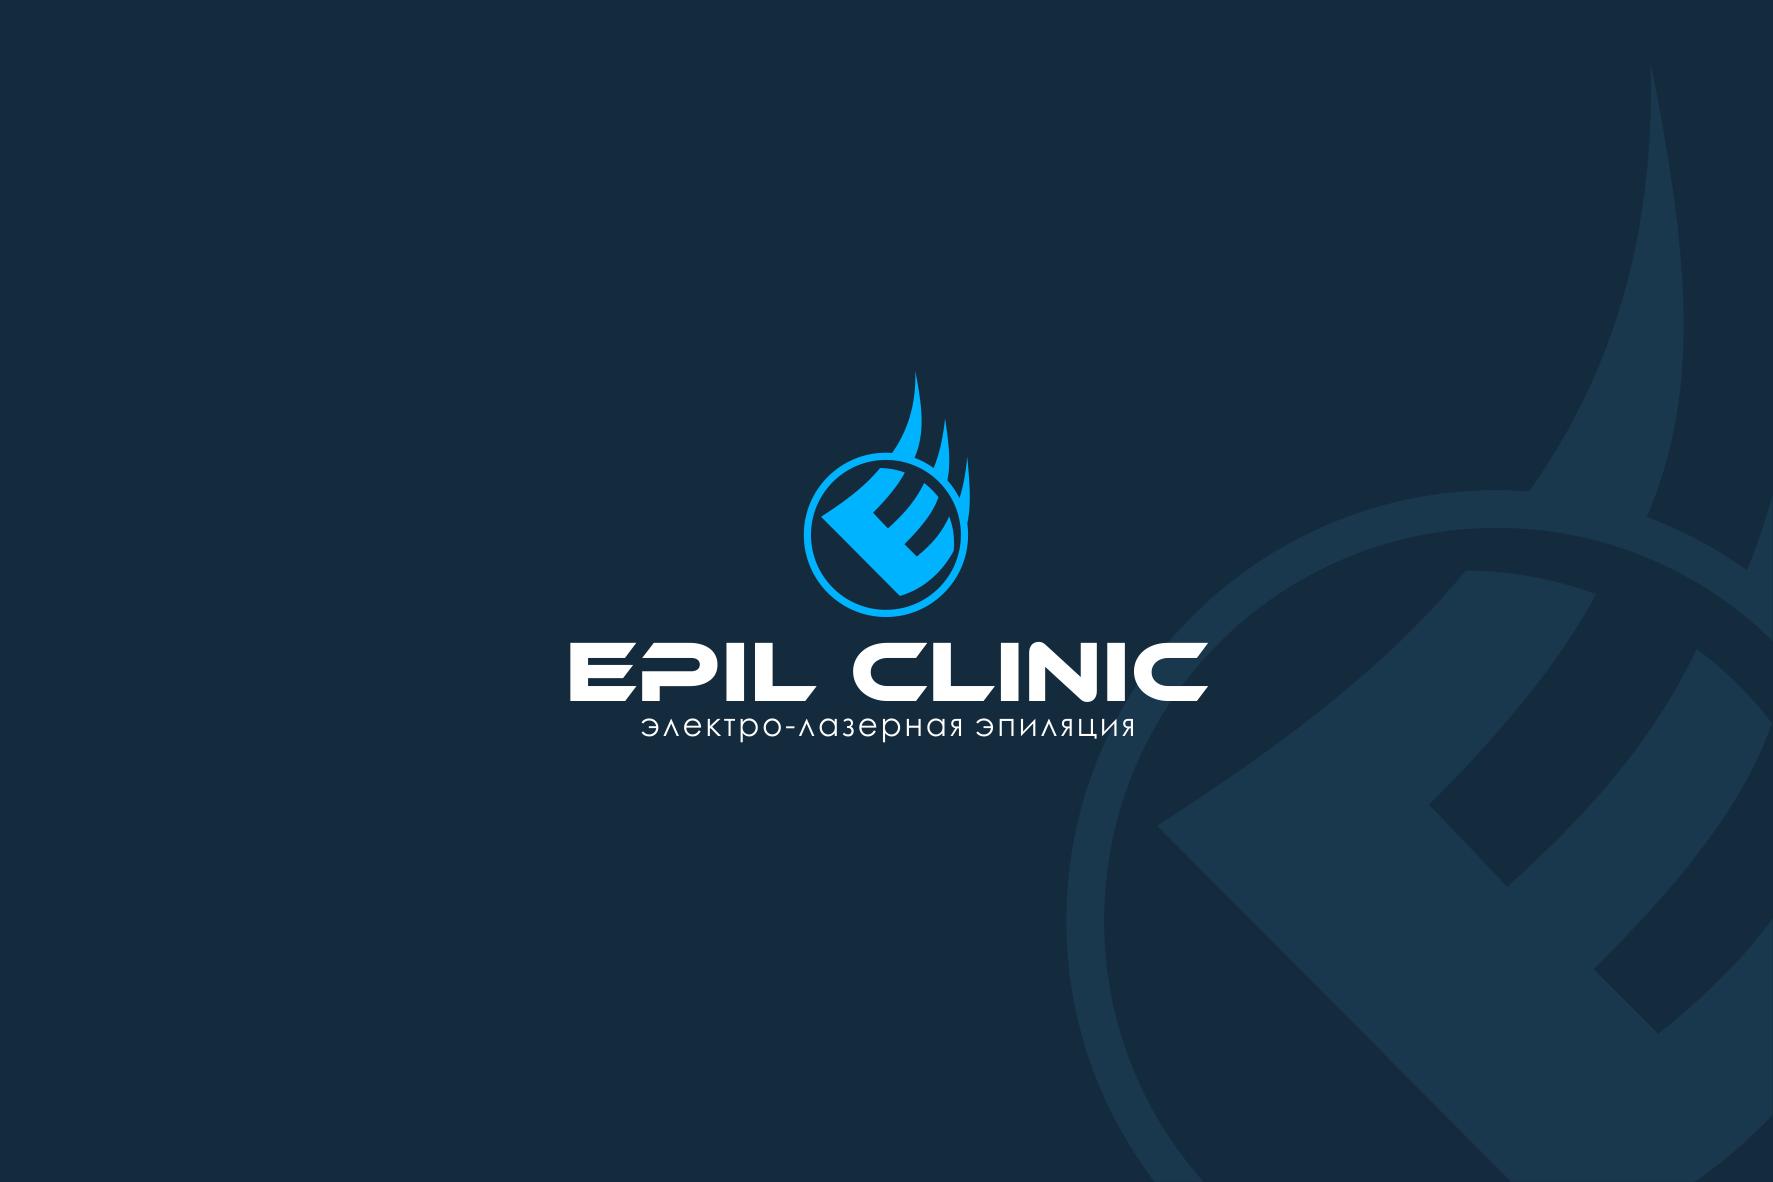 Логотип , фирменный стиль  фото f_8885e180a5eb81c6.png